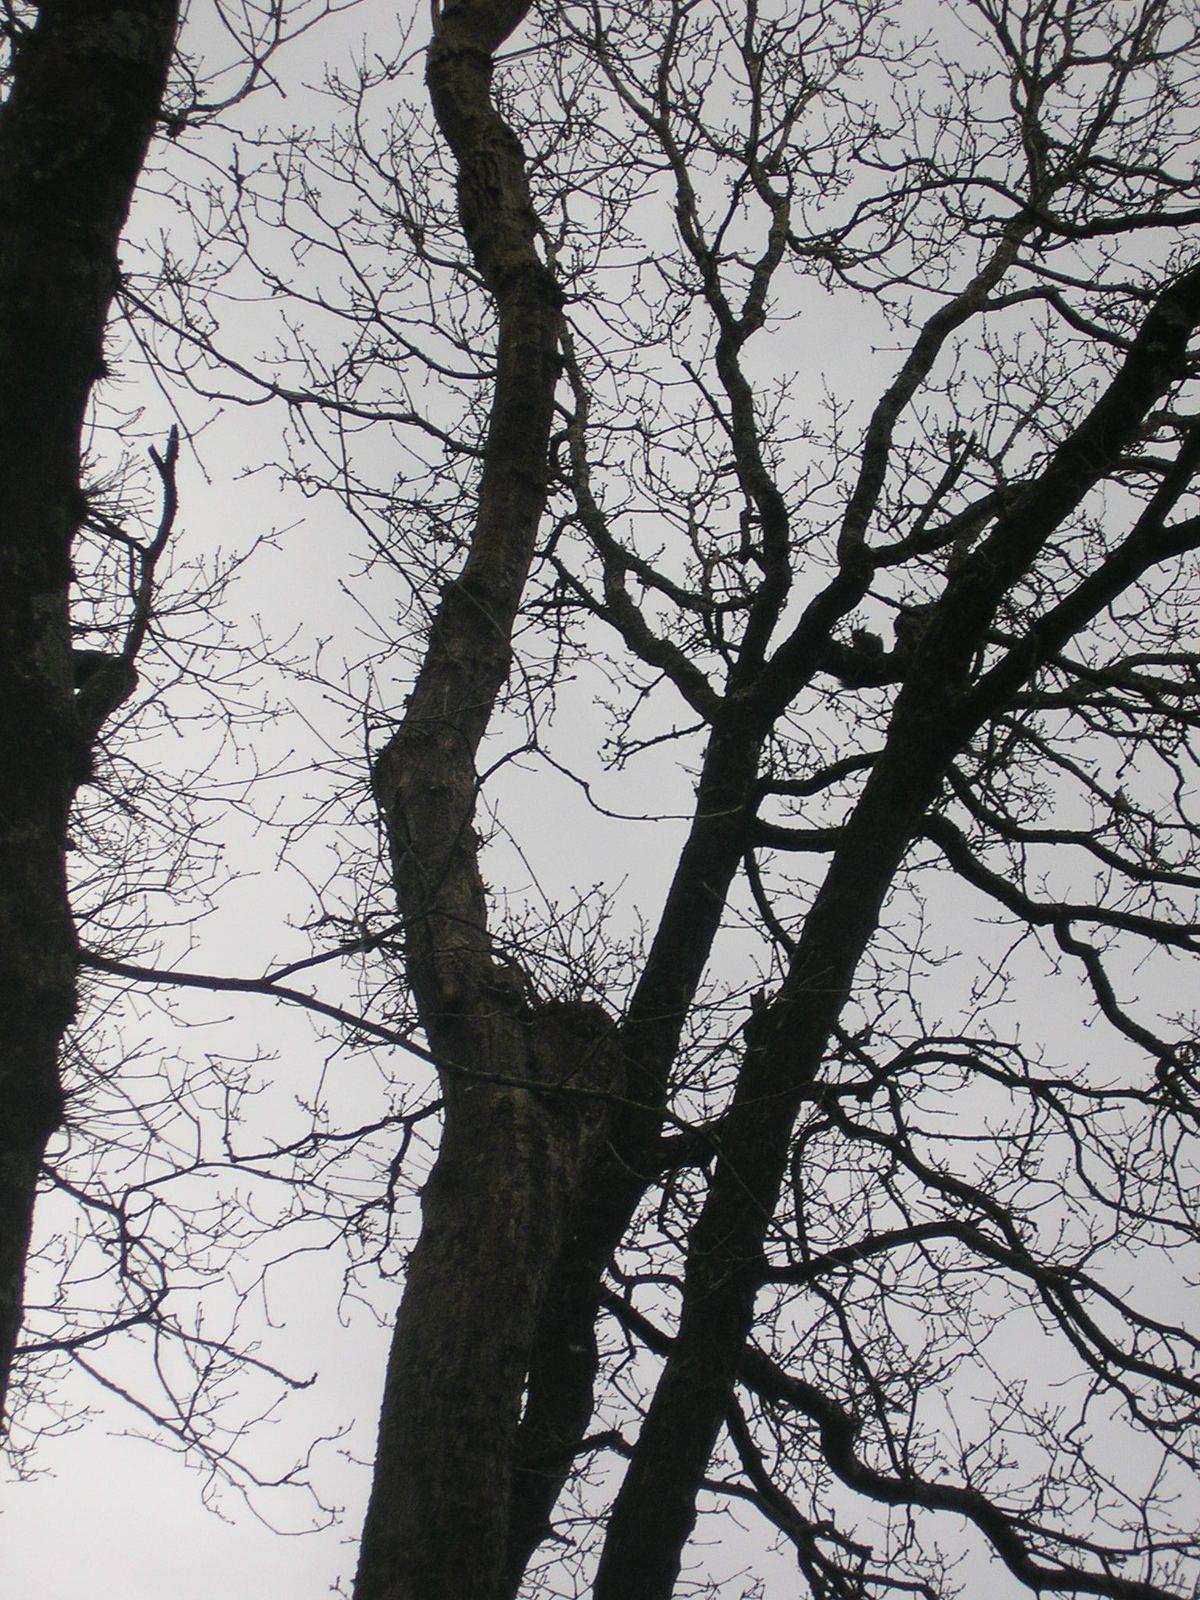 Chercher l'écureuil! Il y en a un mais il faut le voir :-)  je n'est pas pu zoomer davantage.